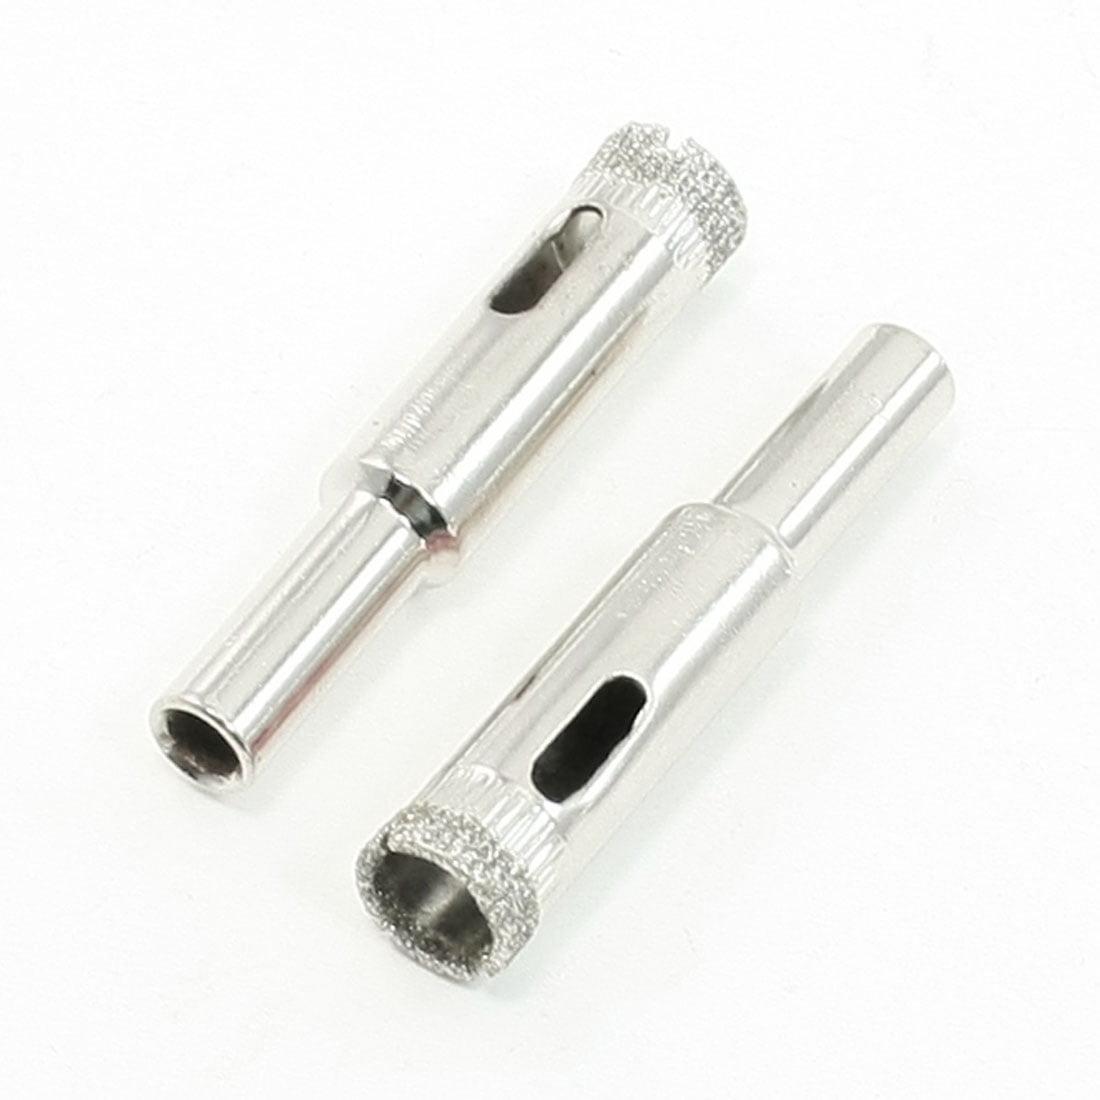 6.5 mm de diamètre Tige 10 mm Diamètre de coupe carrelage Scie-cloche pour verre 2 pcs - image 1 de 1